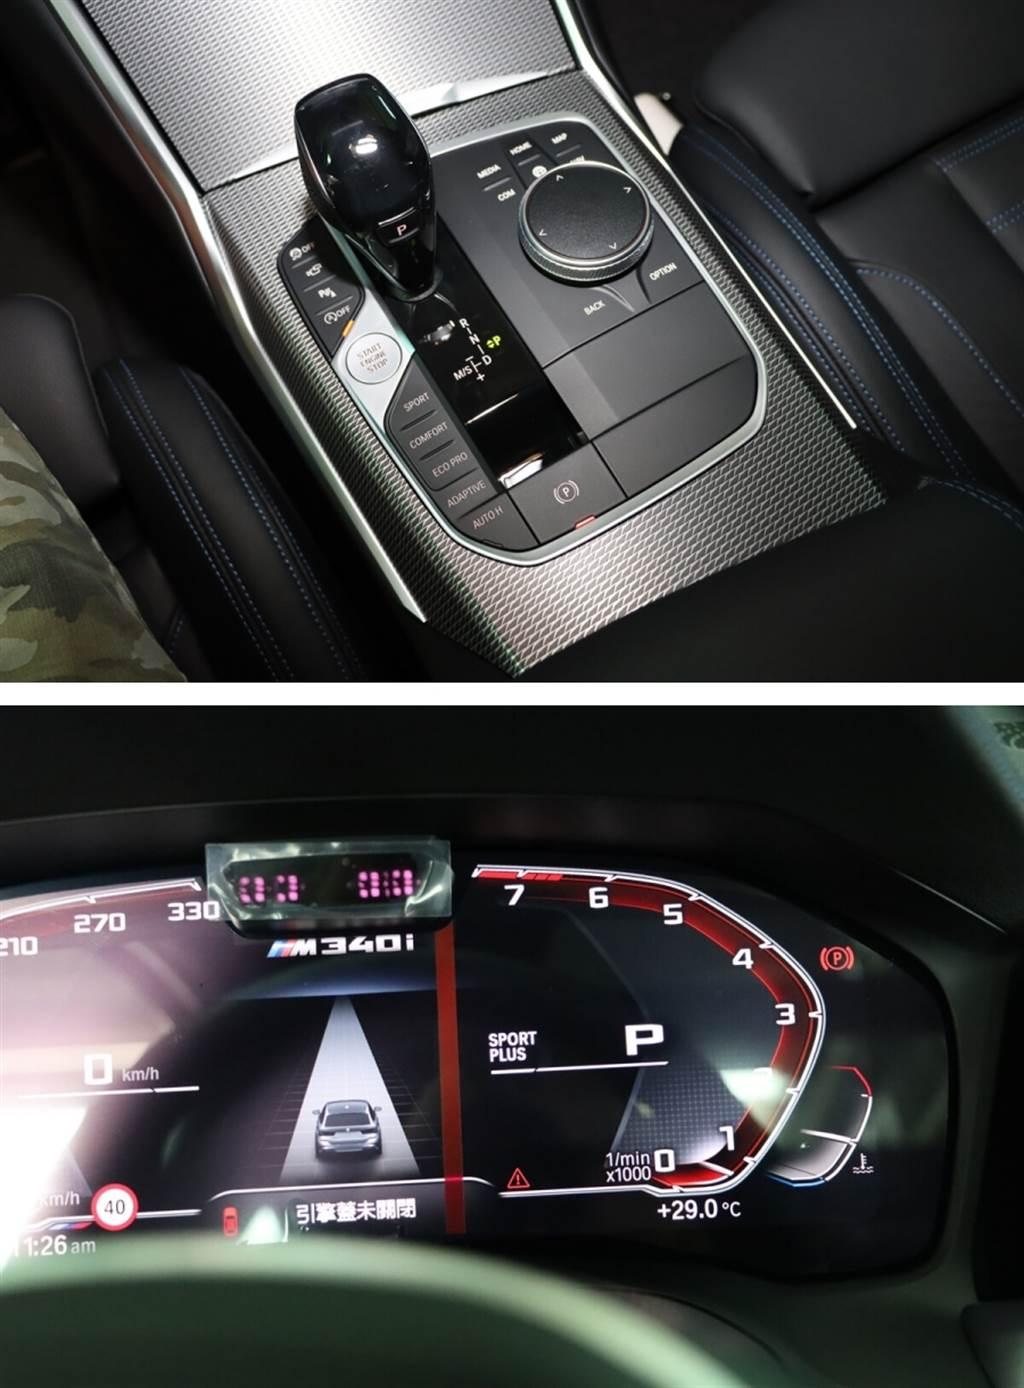 換裝BILSTEIN EVO SE避震器後,車主表示Comfort模式時該軟的時候夠軟,Sport Plus模式時要硬的時候夠硬,確實能明顯提昇底盤反應,讓車輛過彎時更加俐落,再搭配一組抓地力強的輪胎後,相信開山路時會更加能心應手,即使下麗寶賽道也沒問題,整體改裝效果讓他感到滿意。